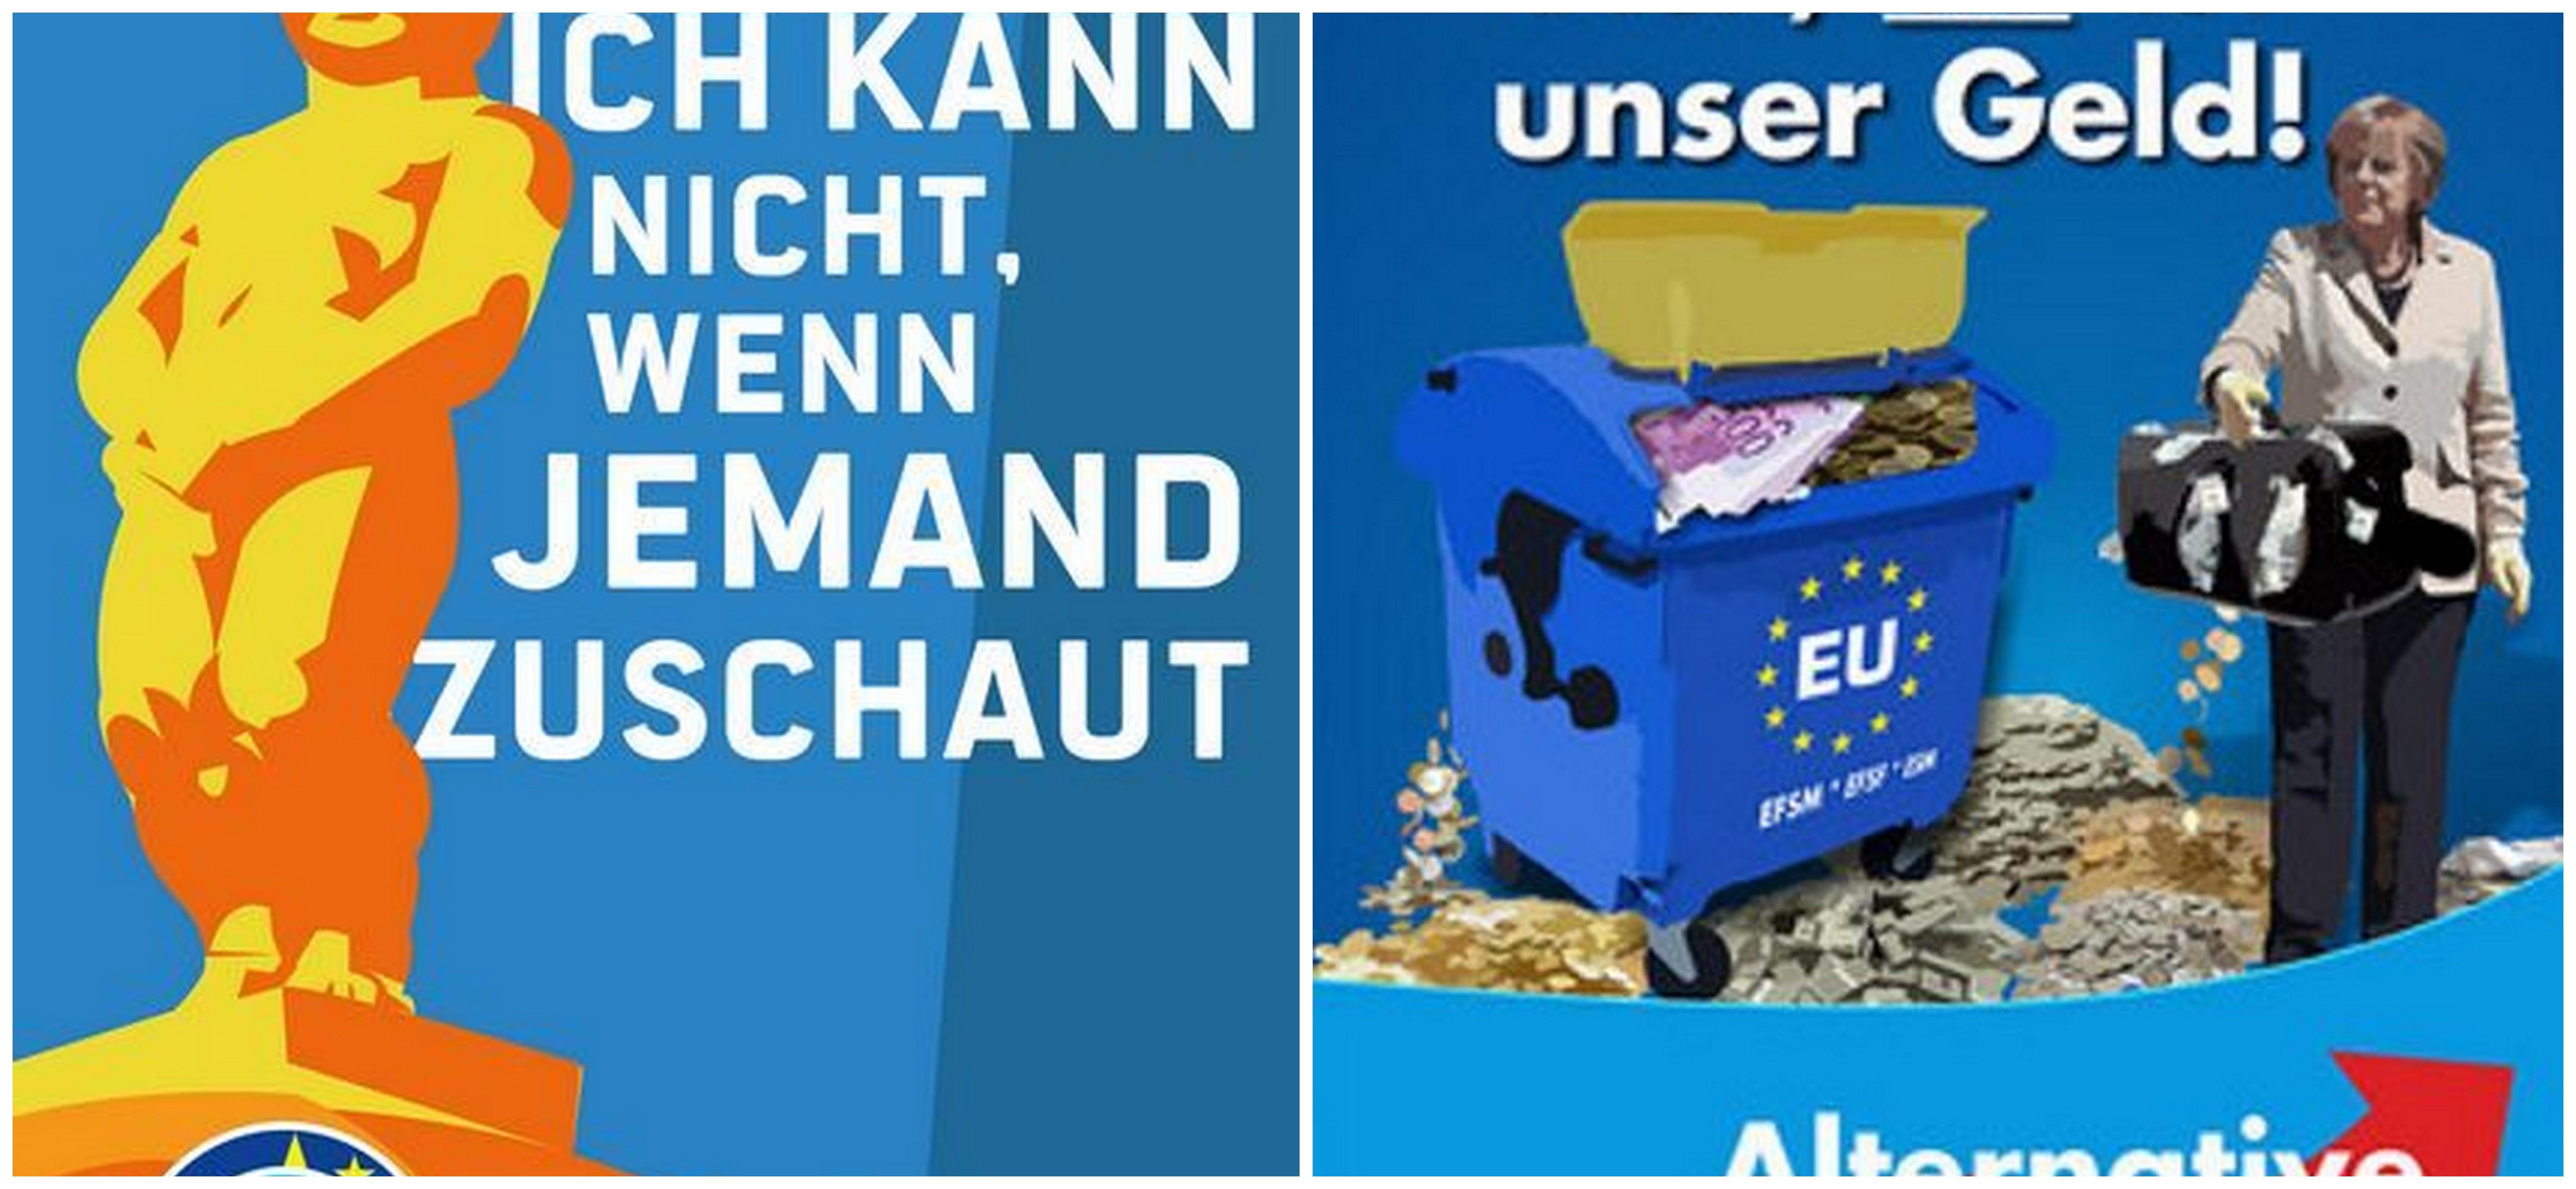 élections_allemandes_é